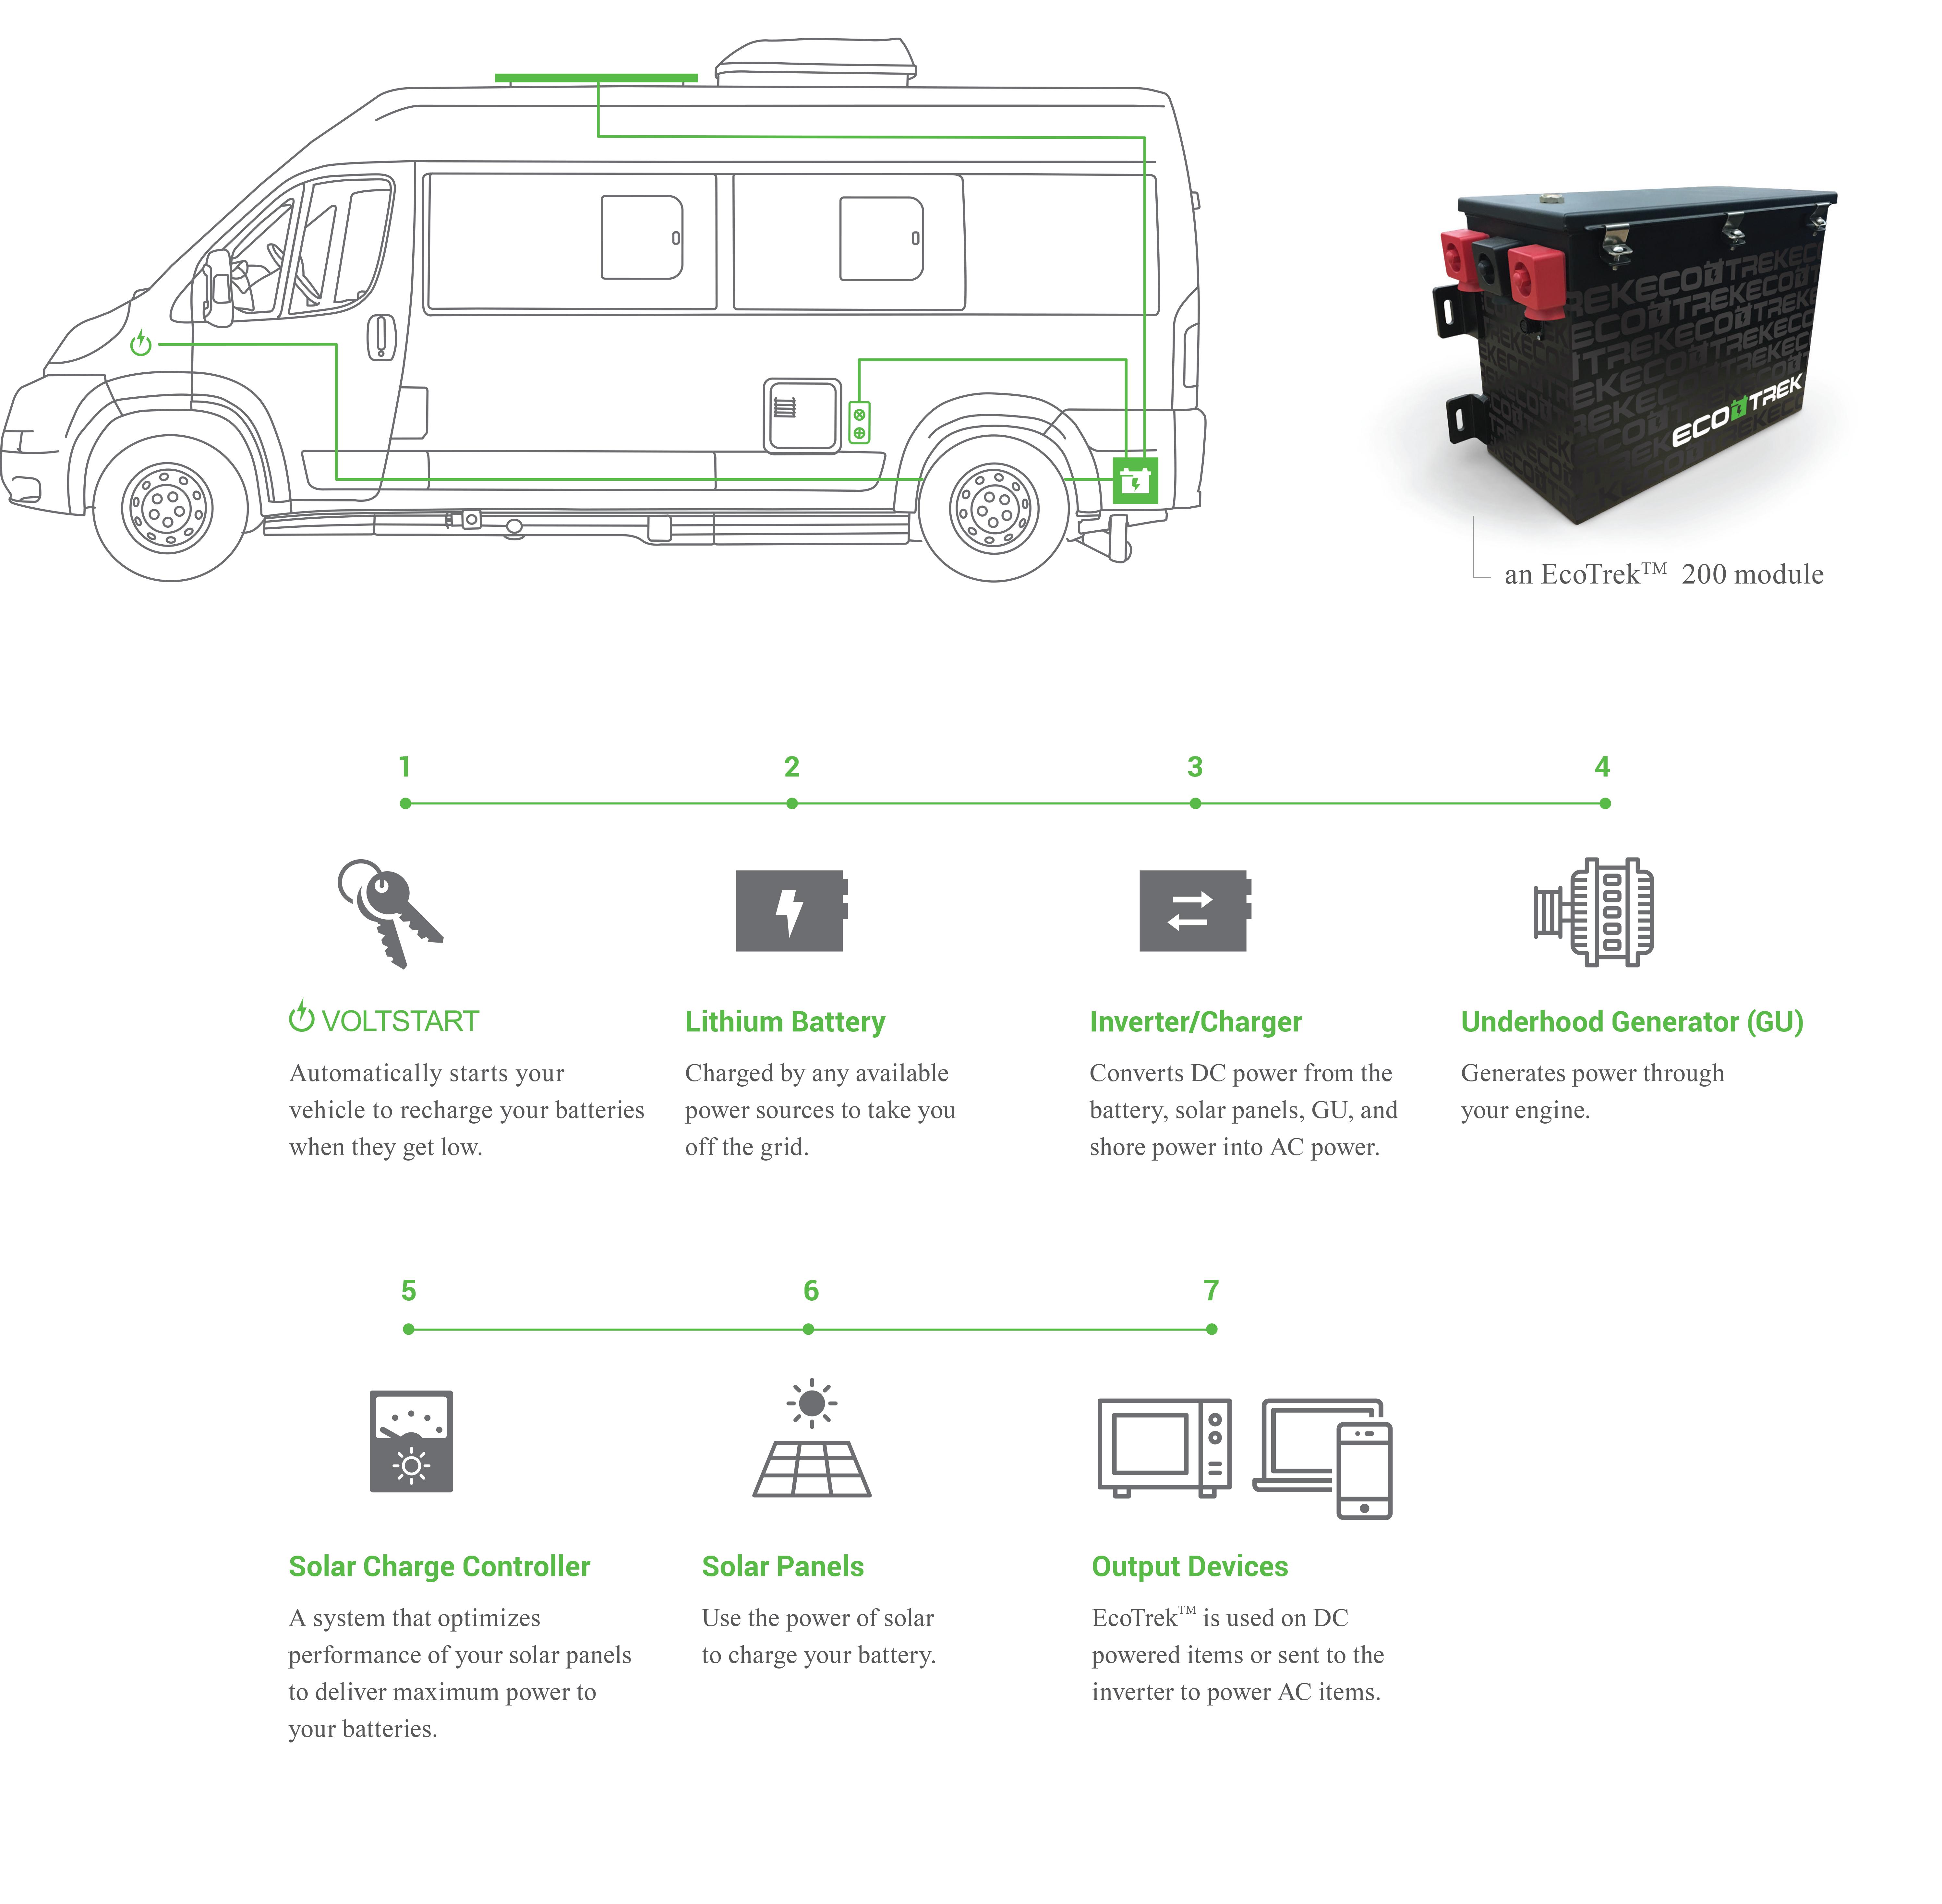 EcoTrek Infographic